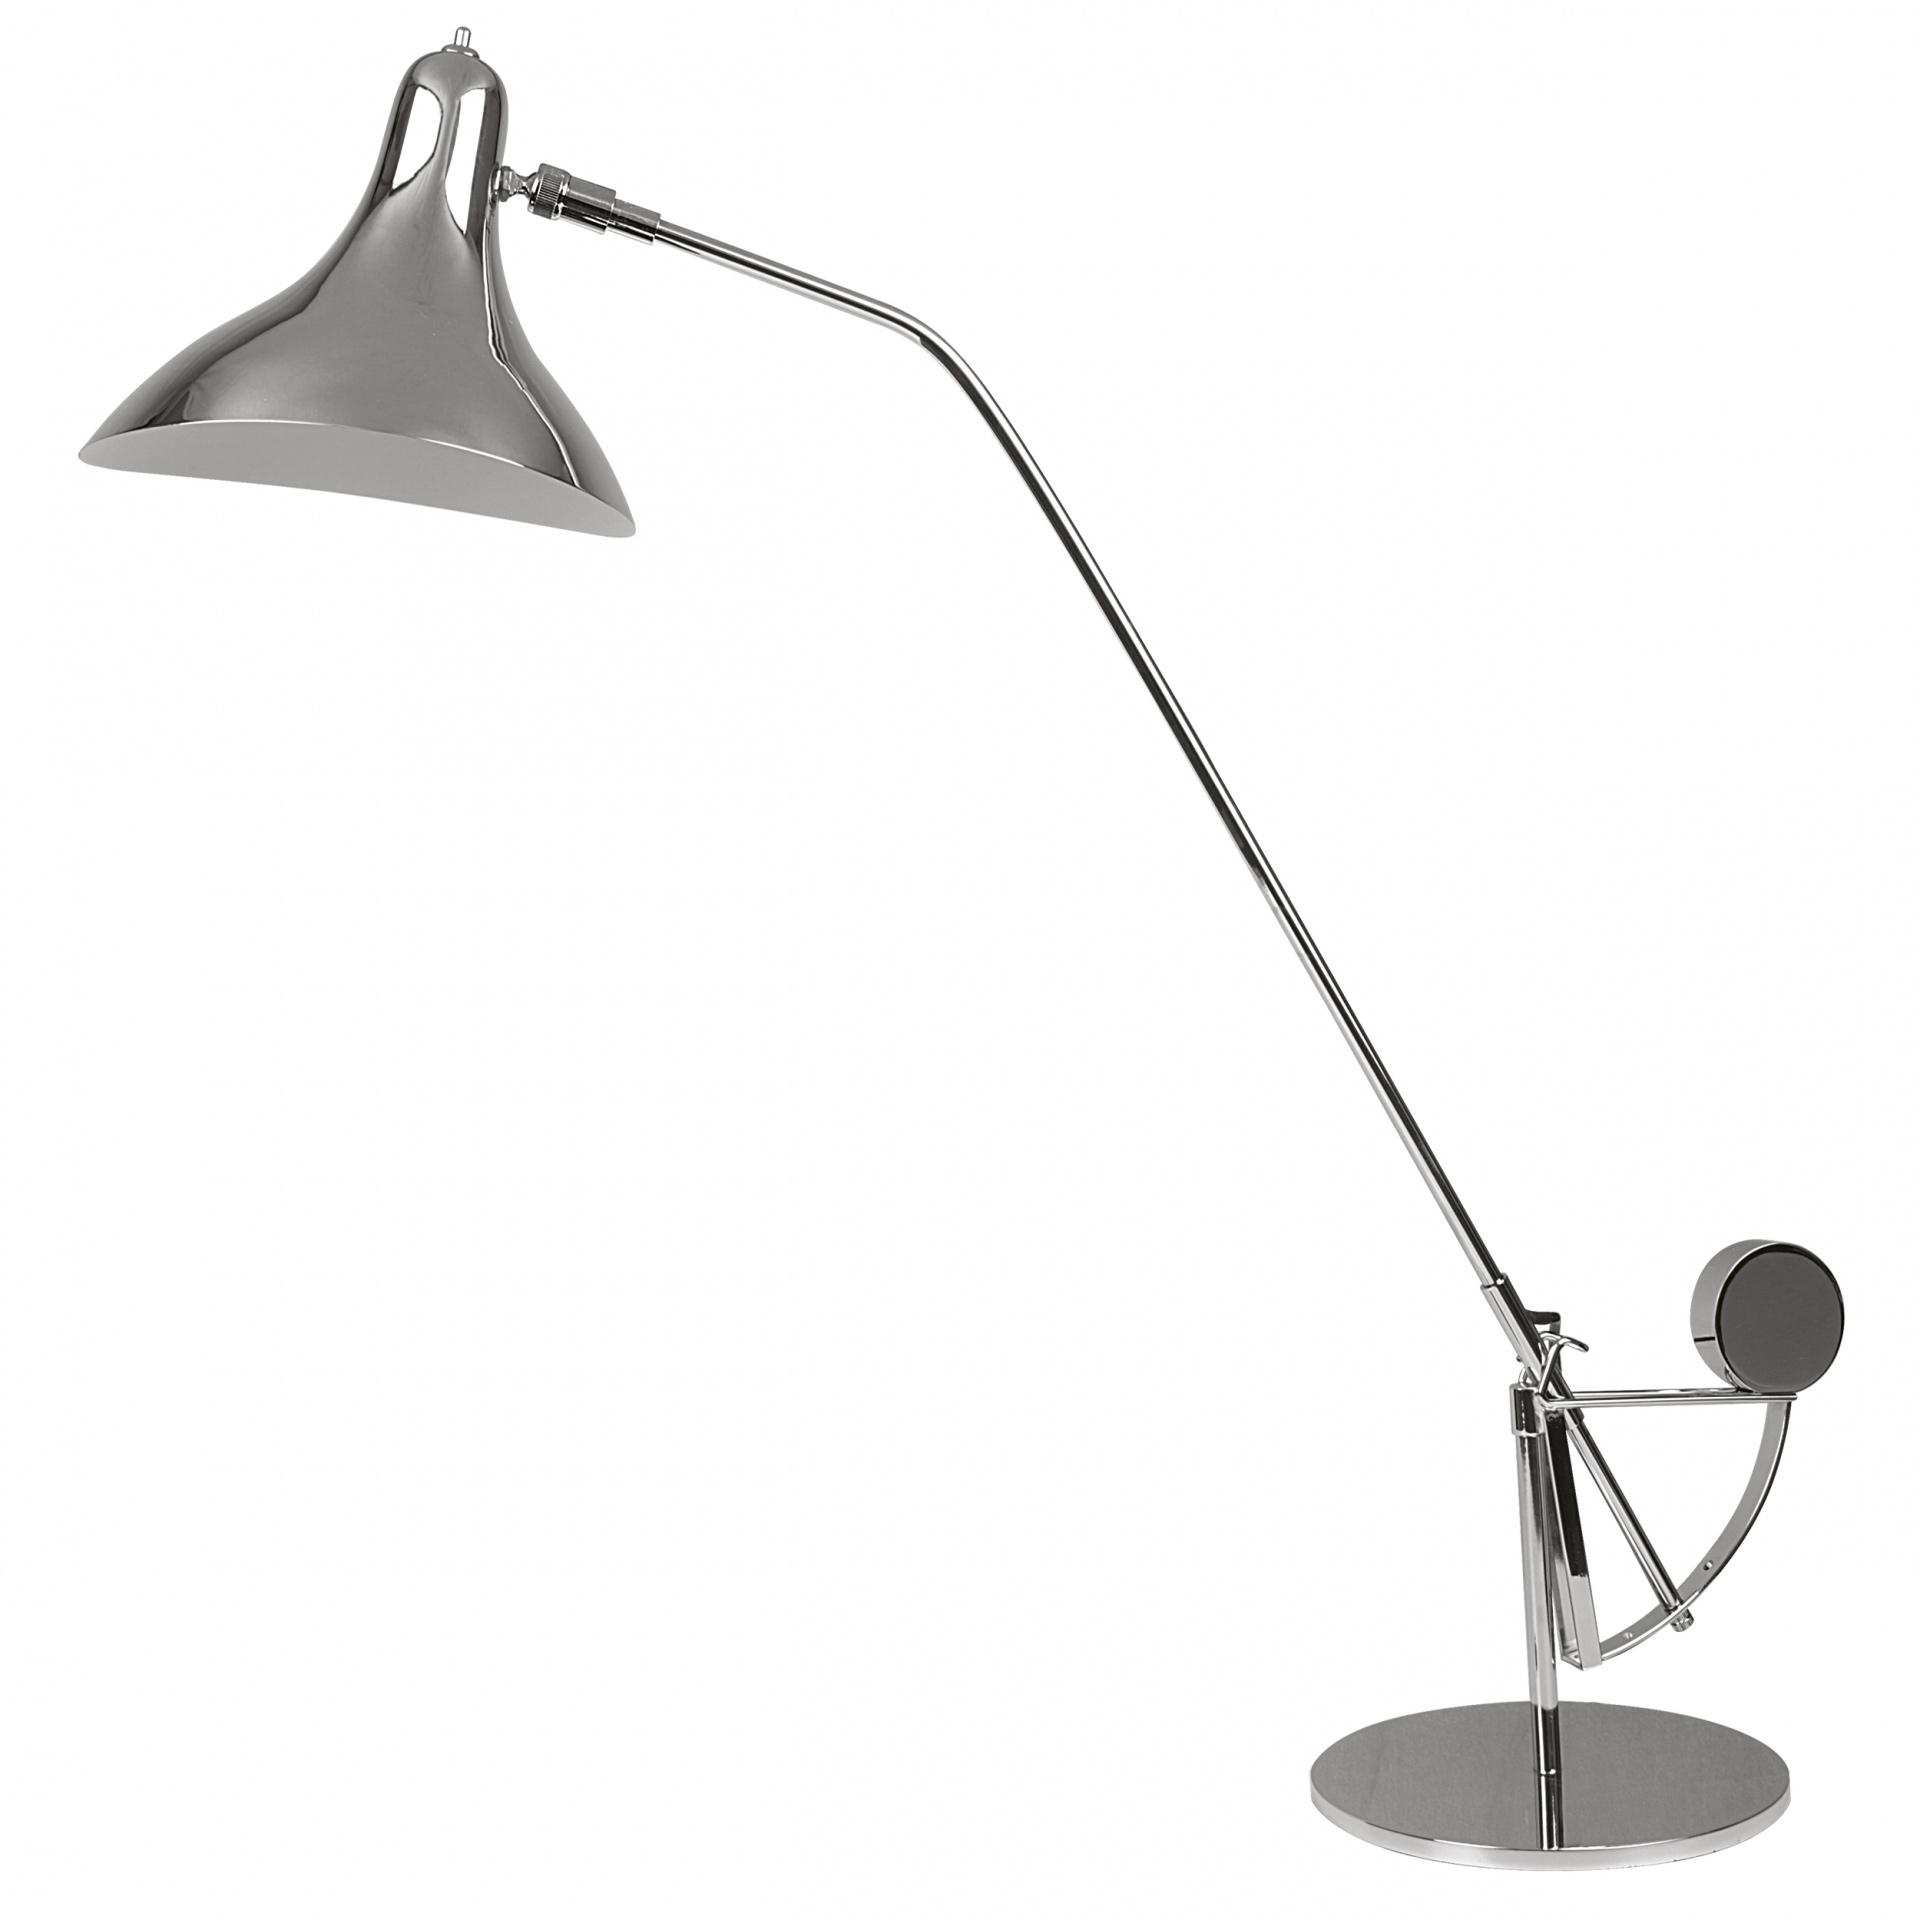 Настольная лампа Manti 1х40W E14 хром Lightstar 764904, купить в СПб, Москве, с доставкой, Санкт-Петербург, интернет-магазин люстр и светильников Starlight, фото в жизни